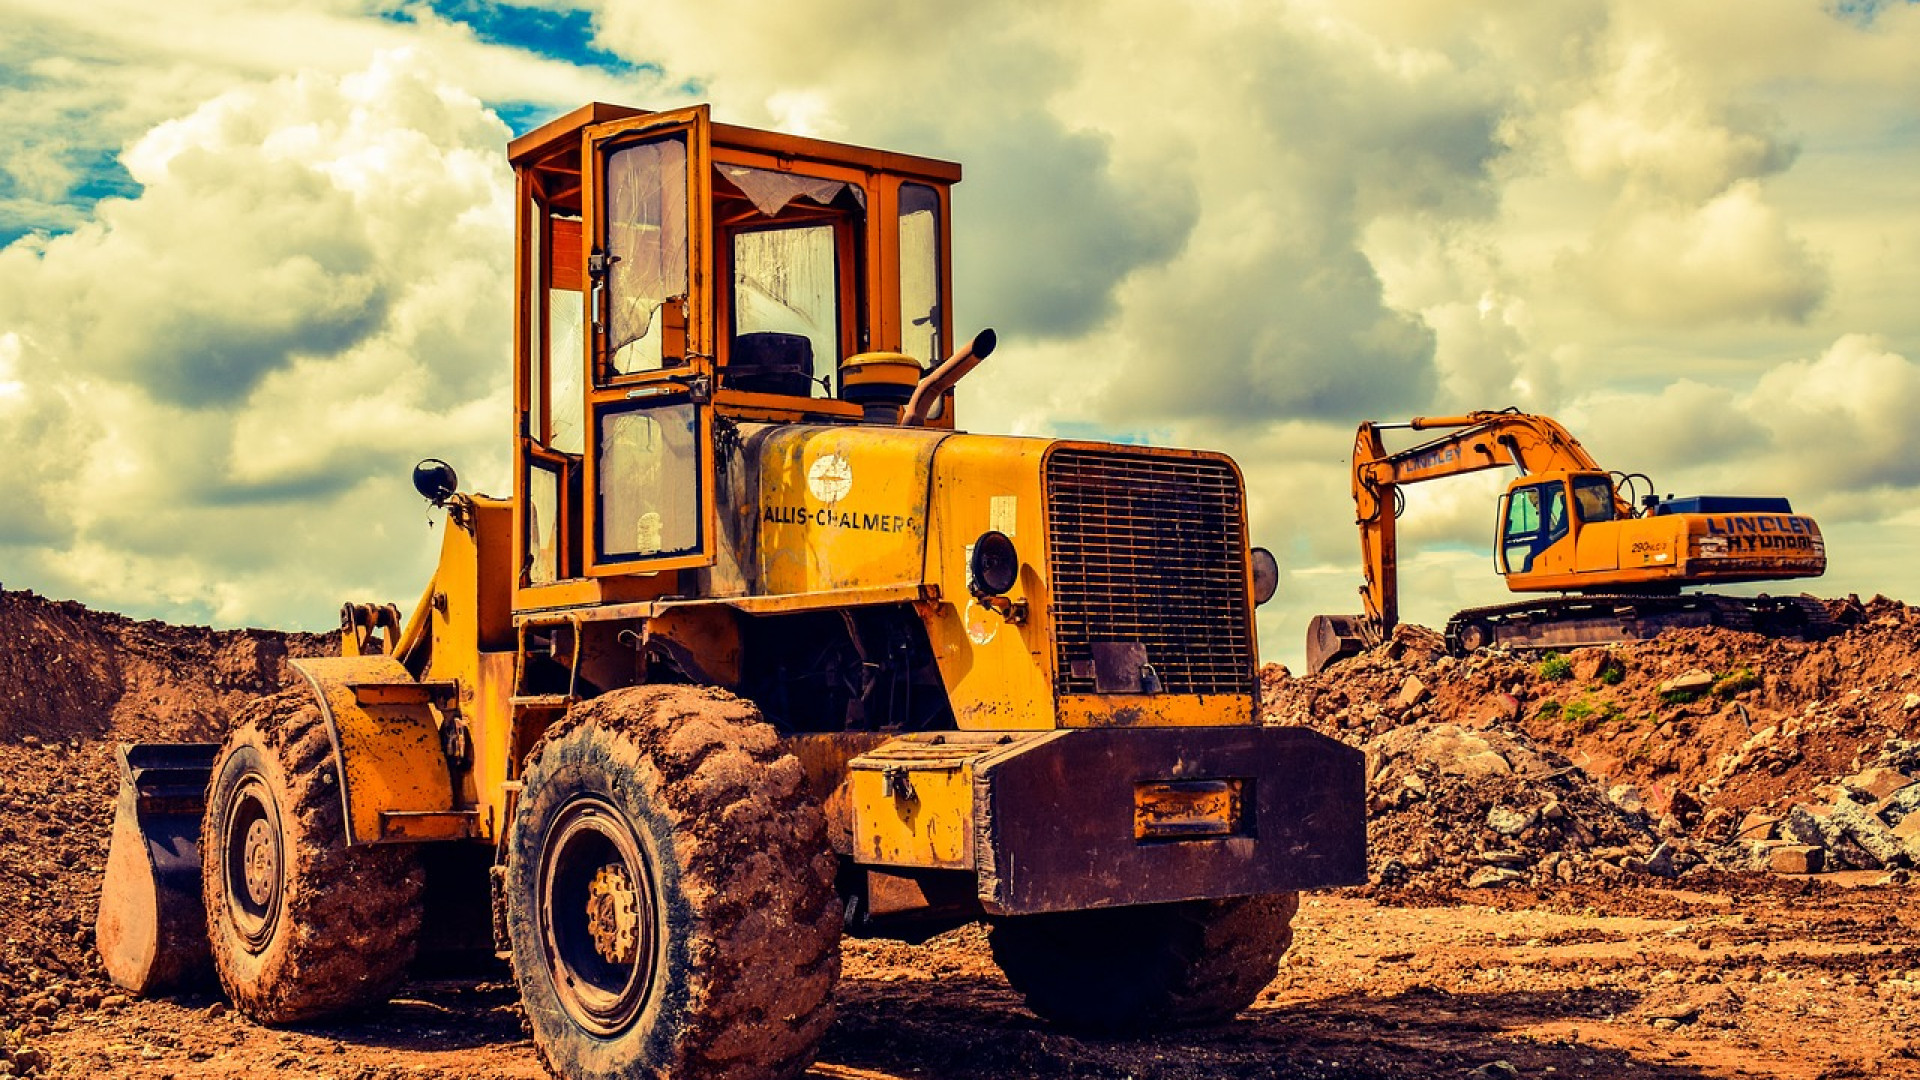 Louer un brumisateur pour les chantiers